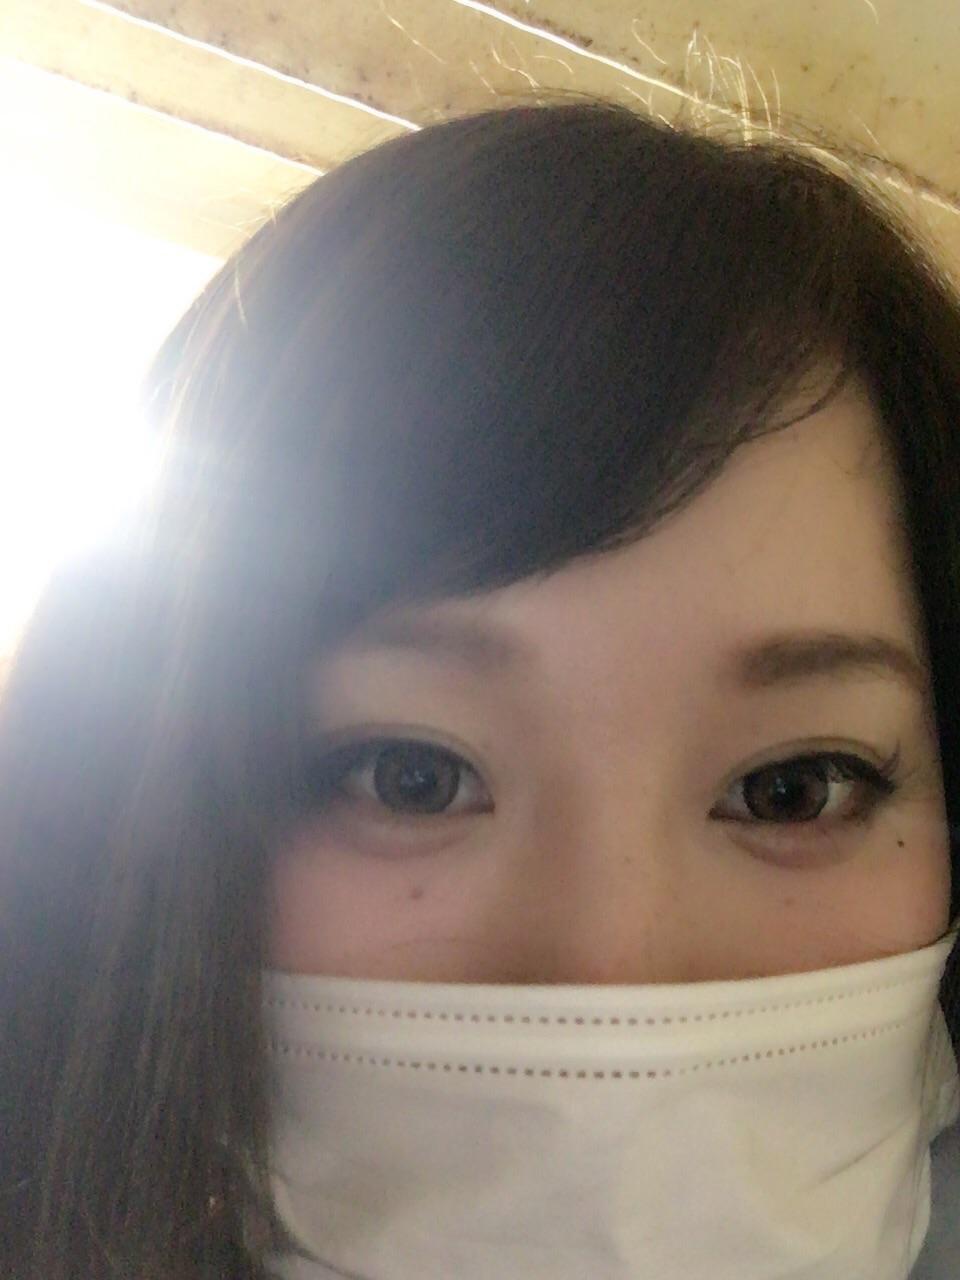 「受け取りました❤︎」04/26(04/26) 20:01 | こまちの写メ・風俗動画